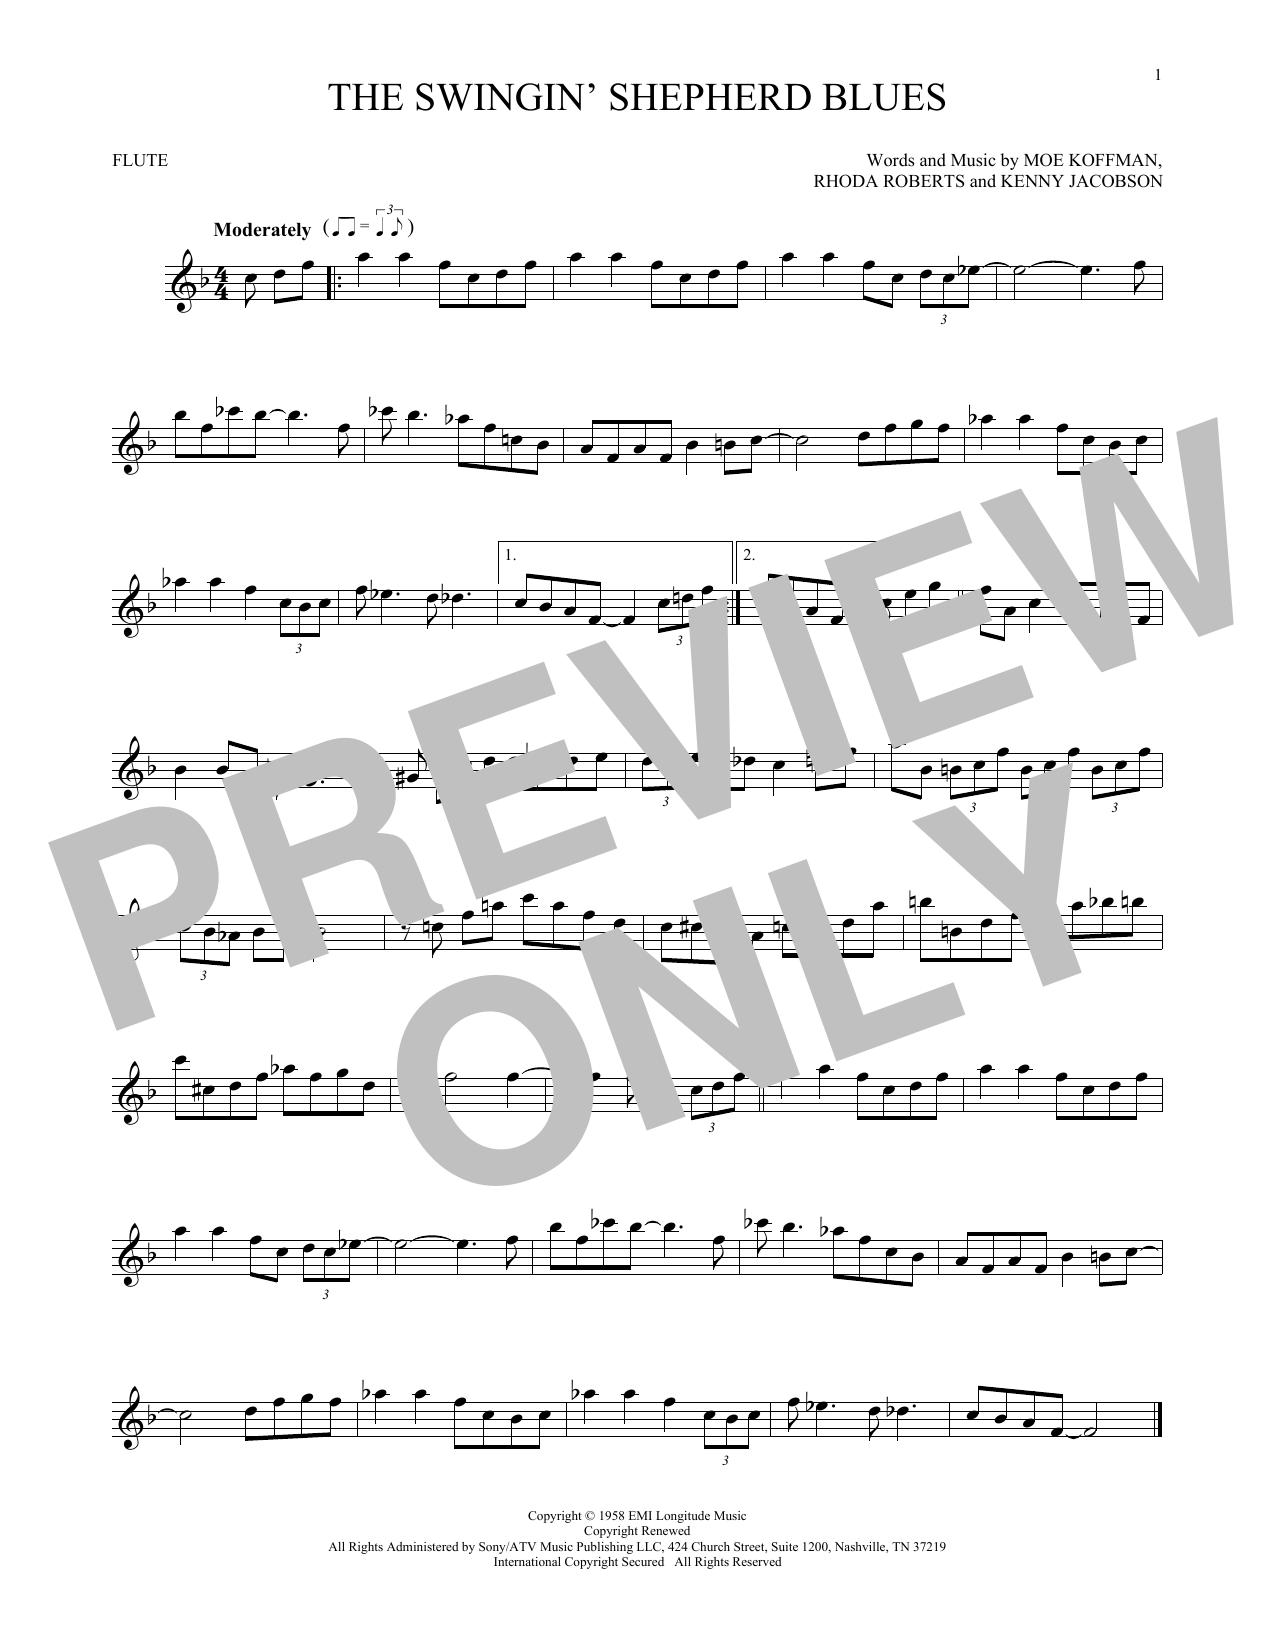 The Swingin' Shepherd Blues (Flute Solo)